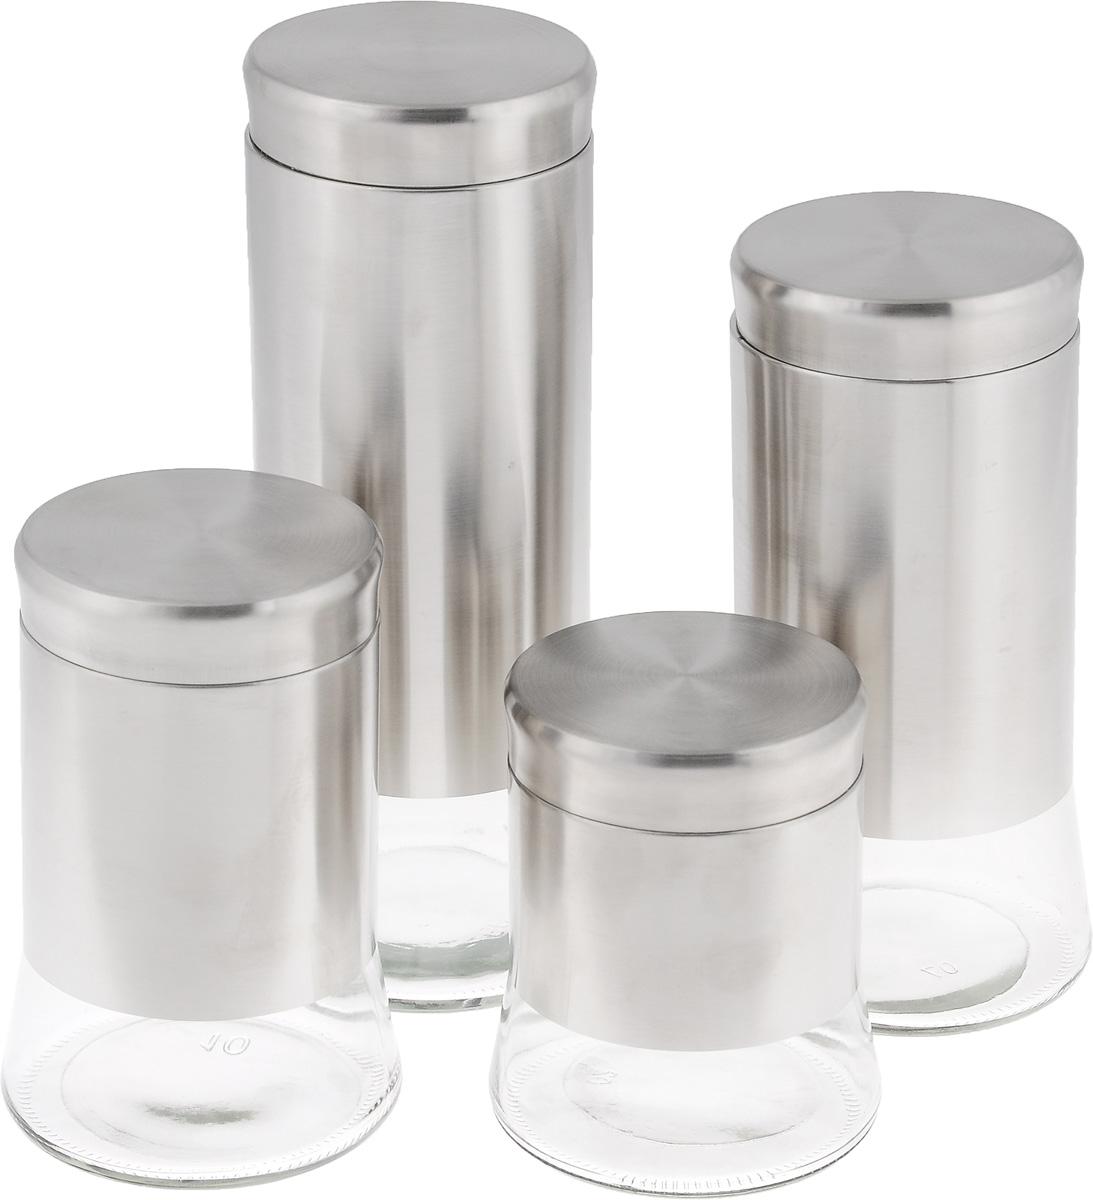 Набор банок для сыпучих продуктов, 4 предмета. GBS3023GBS3023Набор включает 4 банки разного объема, предназначенных для хранения сыпучих продуктов. Изделия выполнены из стекла и нержавеющей стали с матовой полировкой. Банки идеальны для хранения круп, макарон, сахара, сухофруктов, орехов и многого другого. Набор имеет стильный современный дизайн, отличается практичностью и функциональностью. Объем банок: 0,7 л, 1 л, 1,4 л, 1,7 л. Диаметр банок (по верхнему краю): 10 см. Диаметр основания банок: 11,5 см. Высота банок: 14 см, 18 см, 24 см, 29 см.